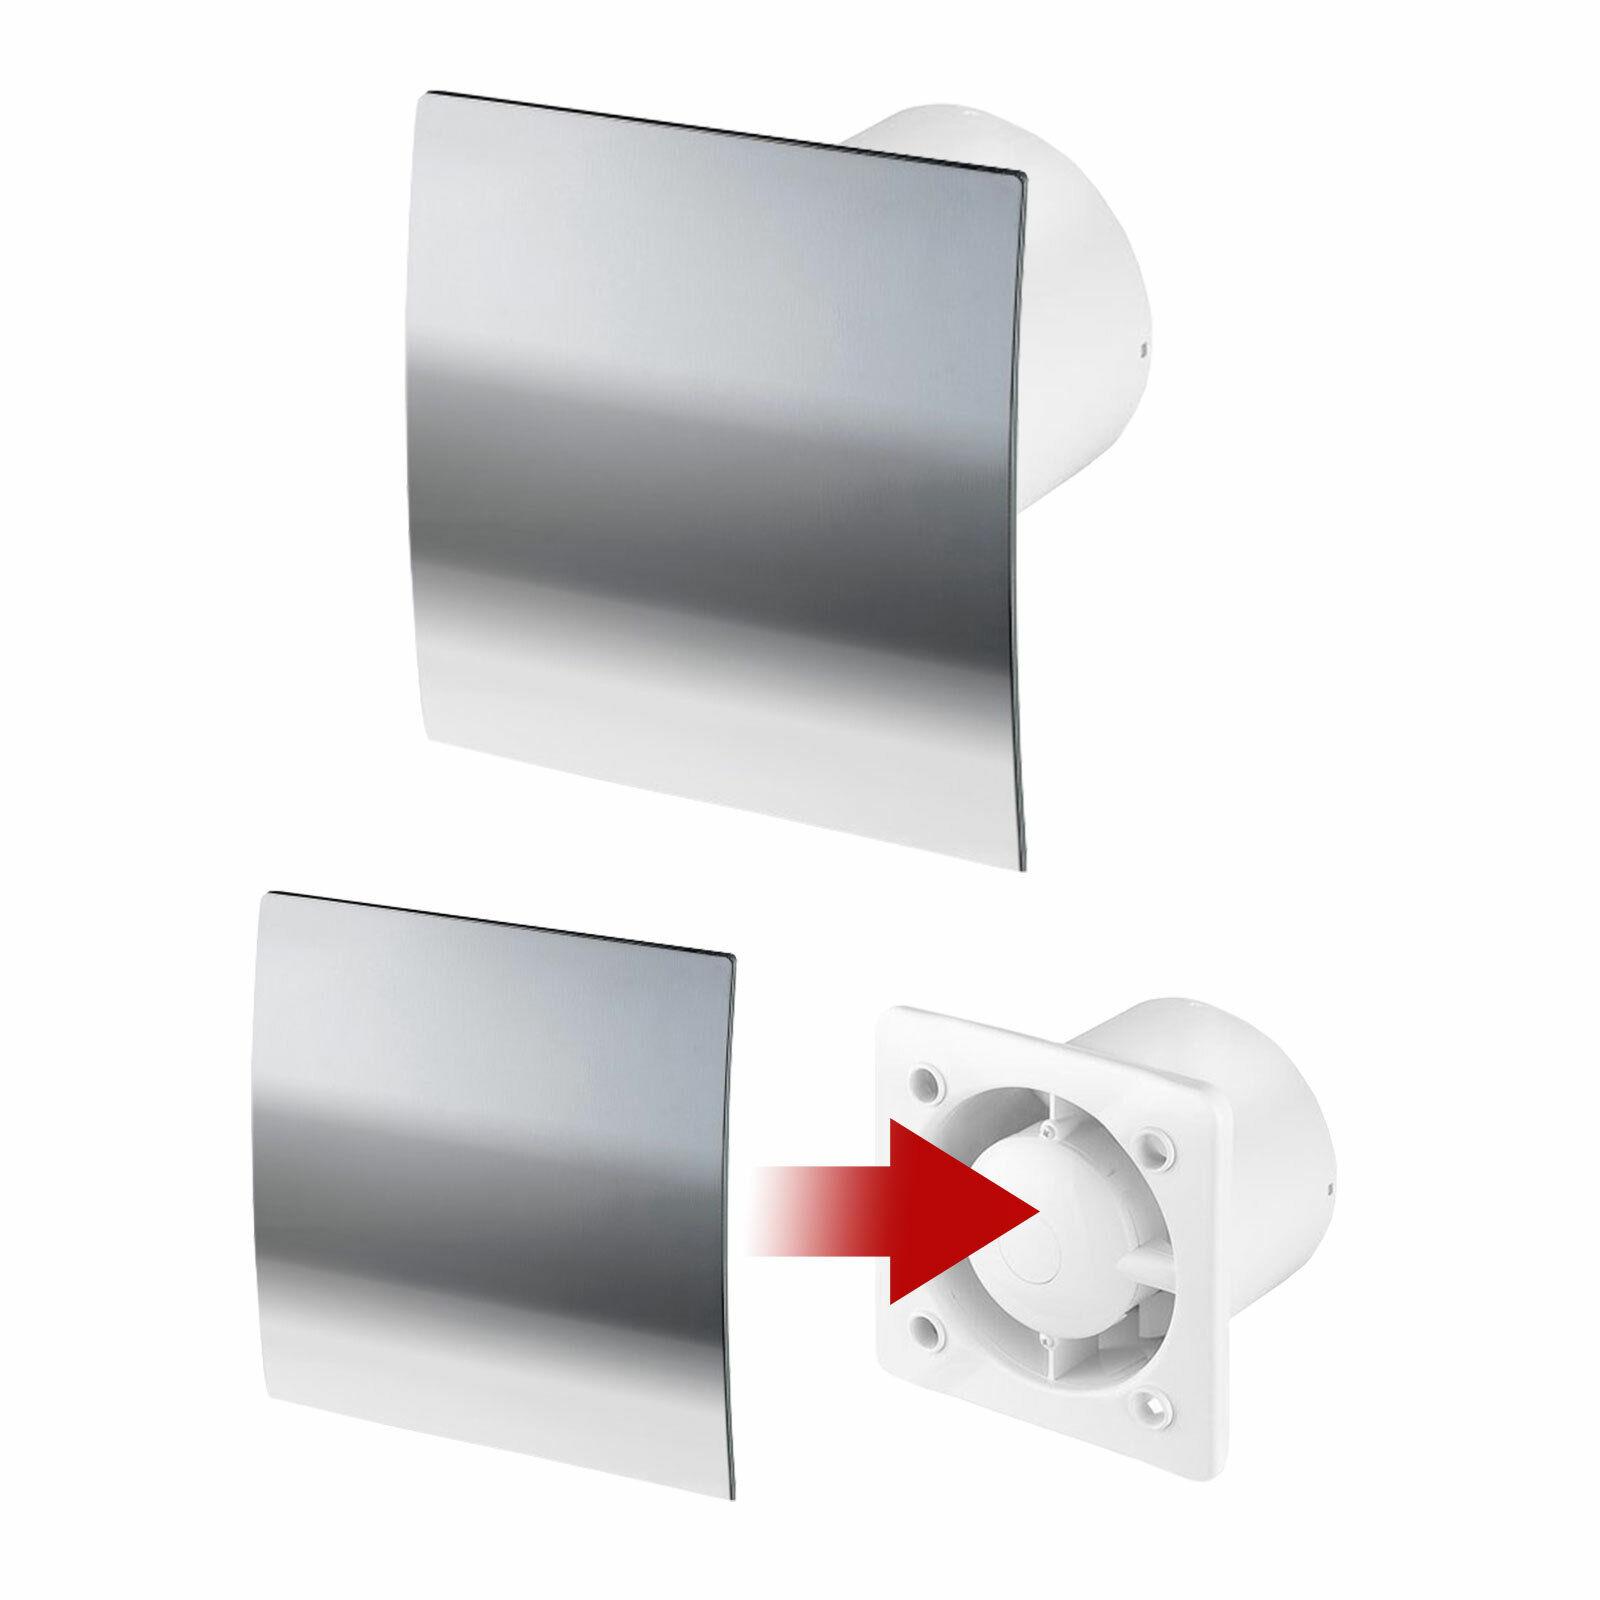 Wand-Ventilator Ø 100 125 WEIß CREME SILBER WC Decken-Bad-Lüfter Rückstauklappe